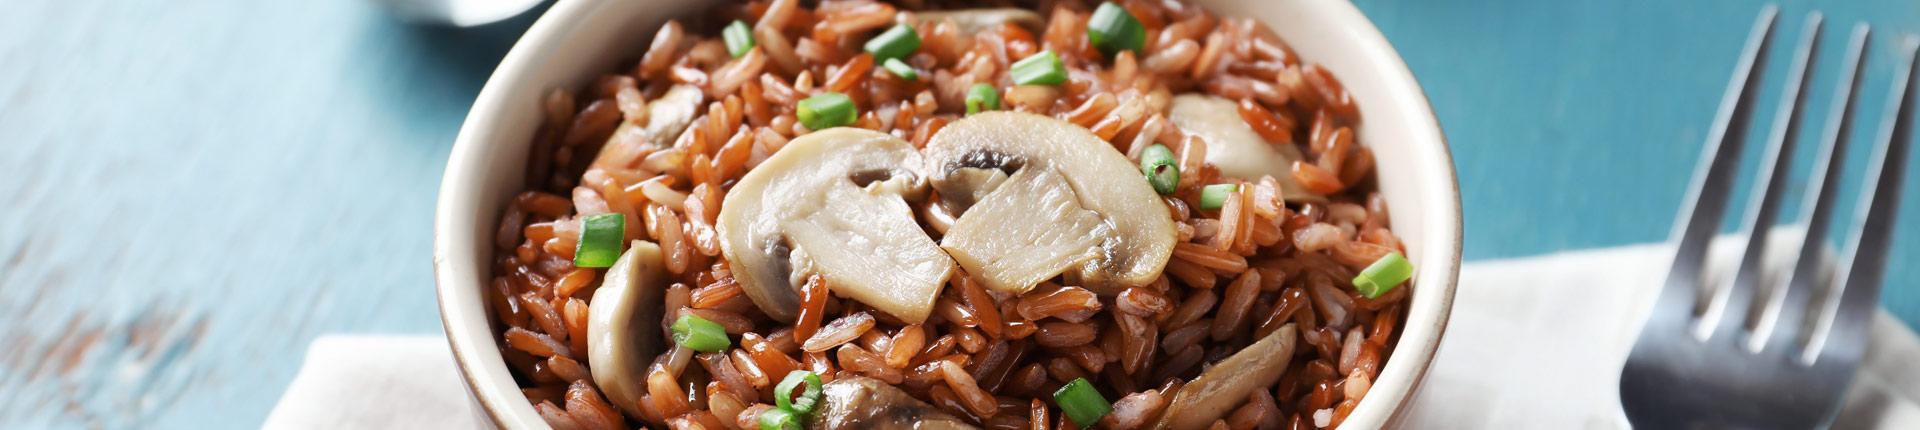 Ryż brązowy - wady i zalety